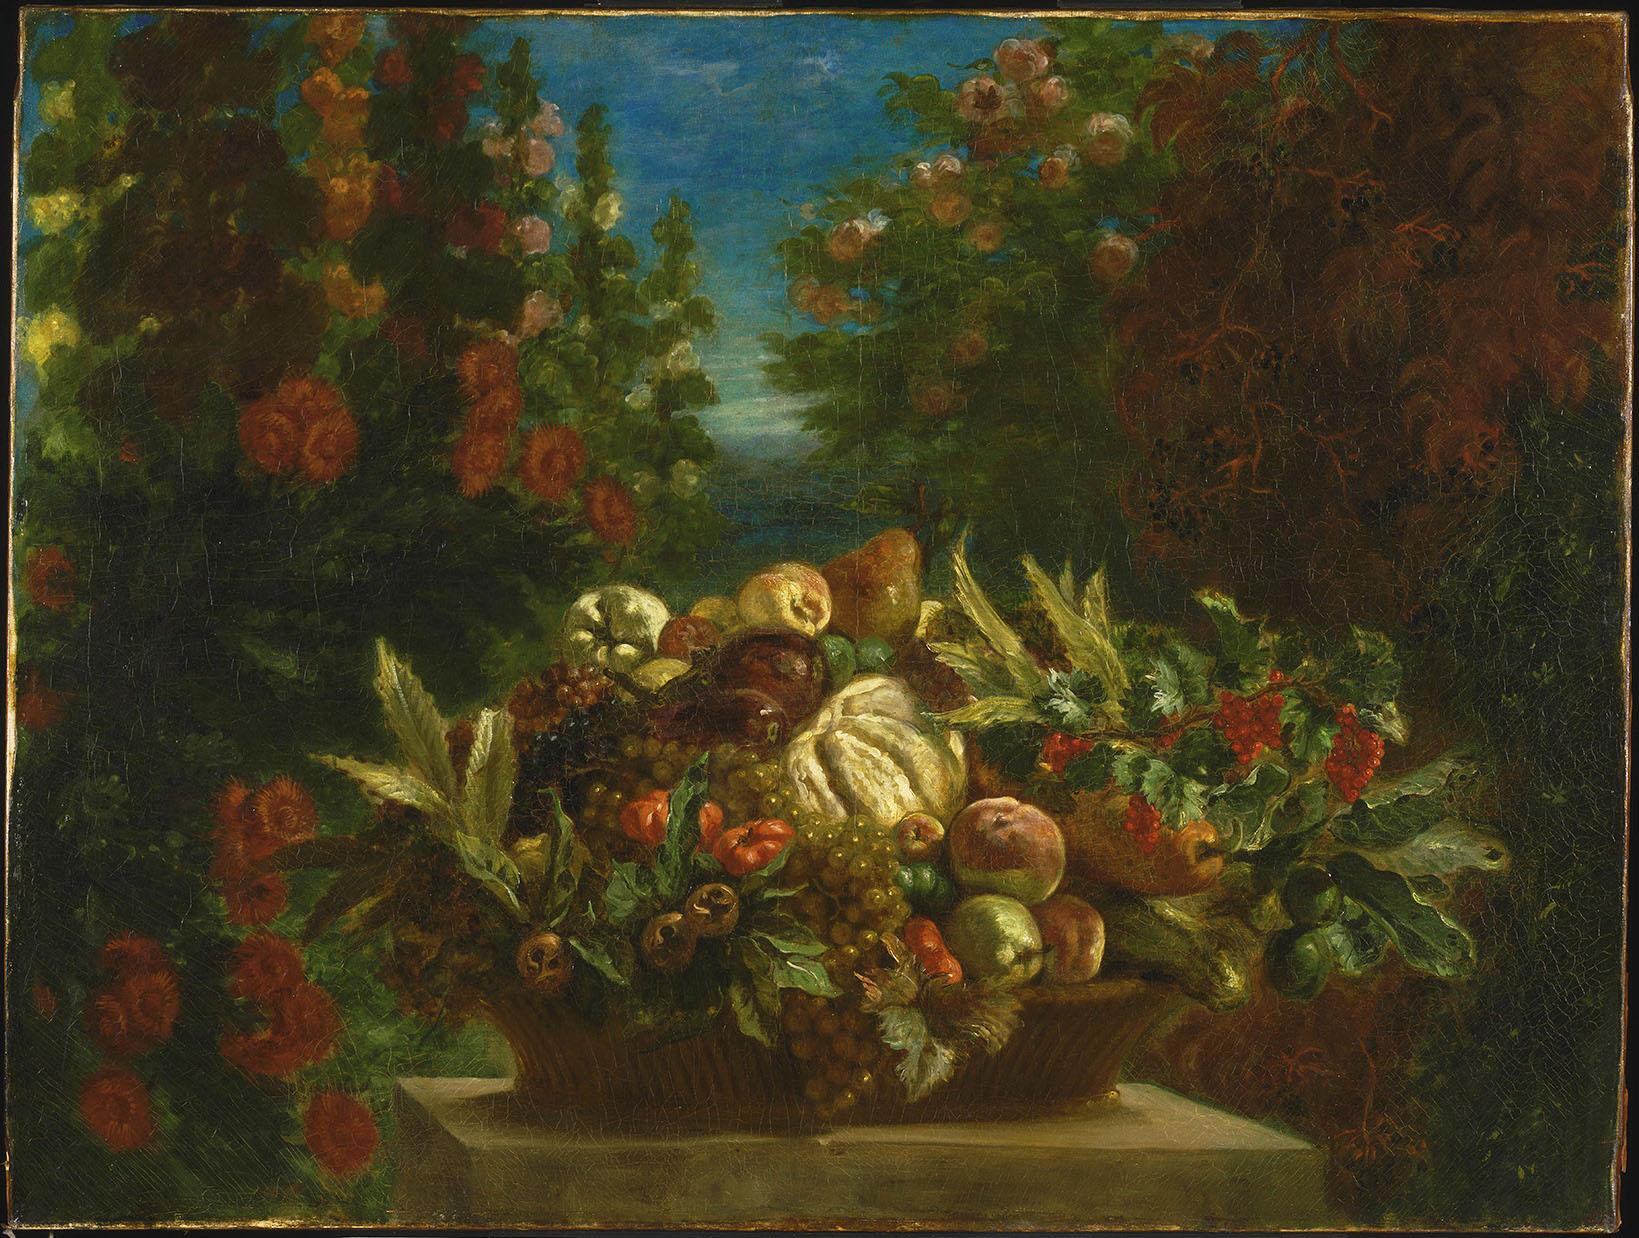 Эжен Делакруа (Eugene Delacroix) - A Basket of Fruit in a Flower Garden, 1848-1849